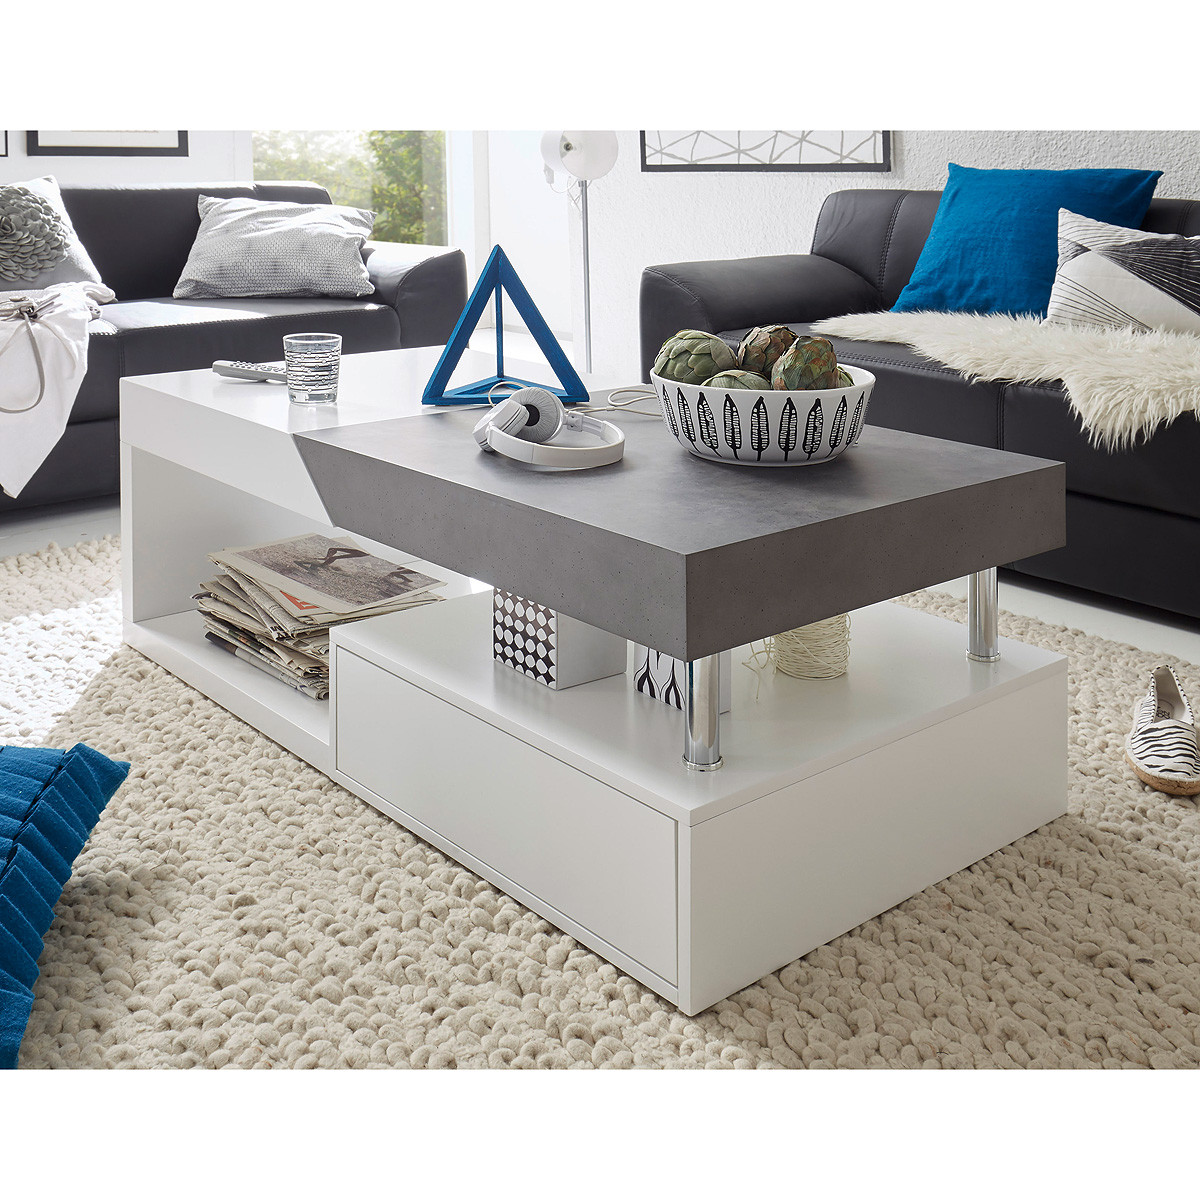 Wohnzimmer Tisch  Couchtisch Wohnzimmertisch Hopes Beistelltisch in weiß